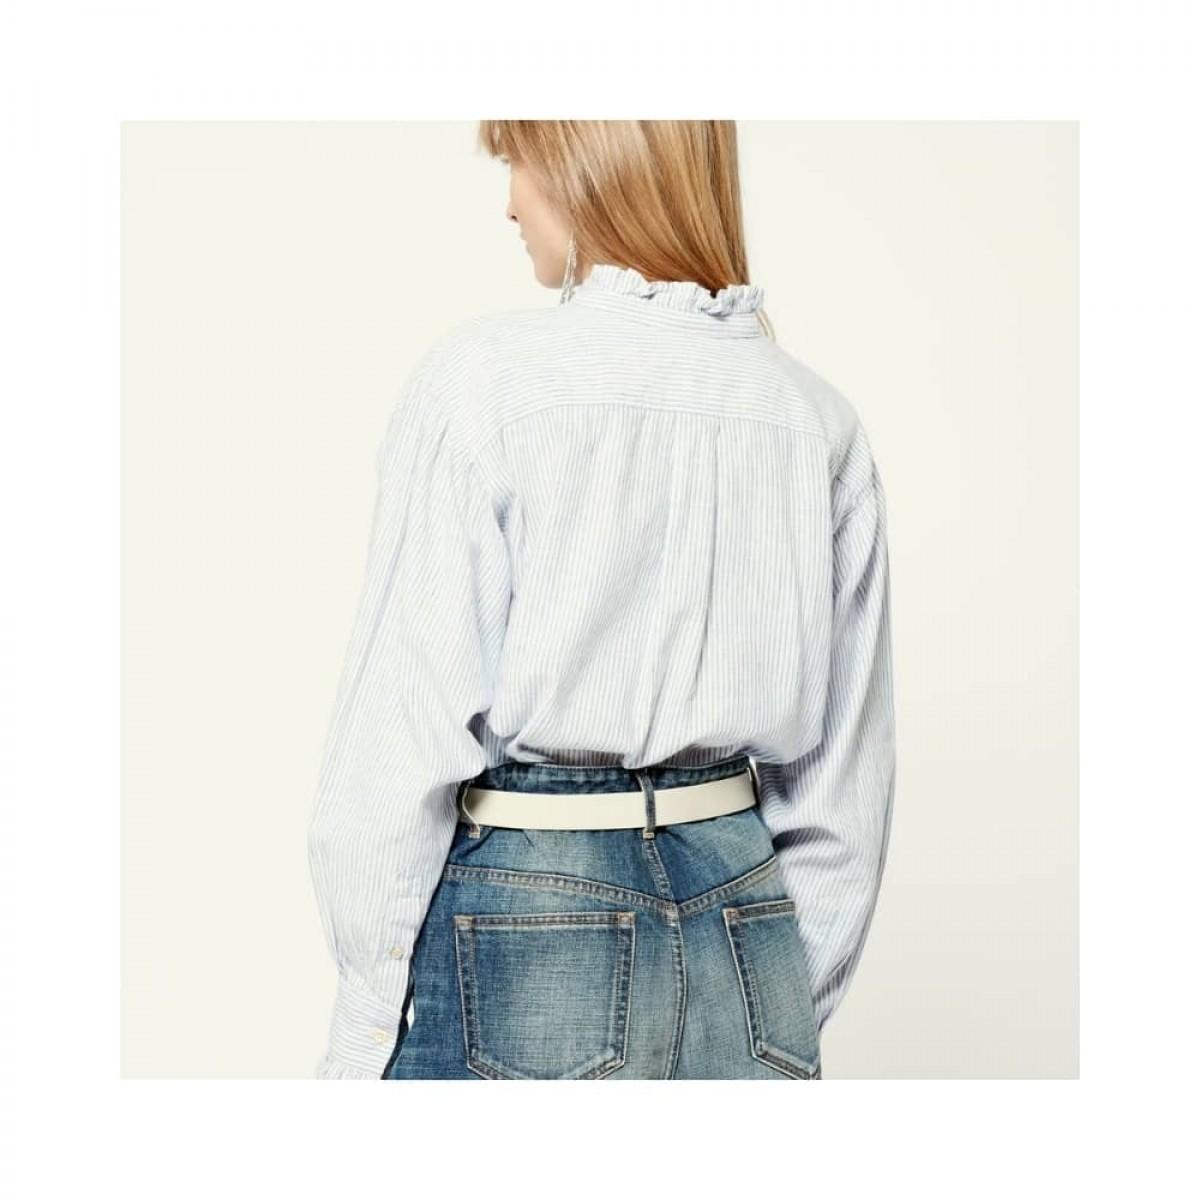 saoli skjorte - blue - model ryggen